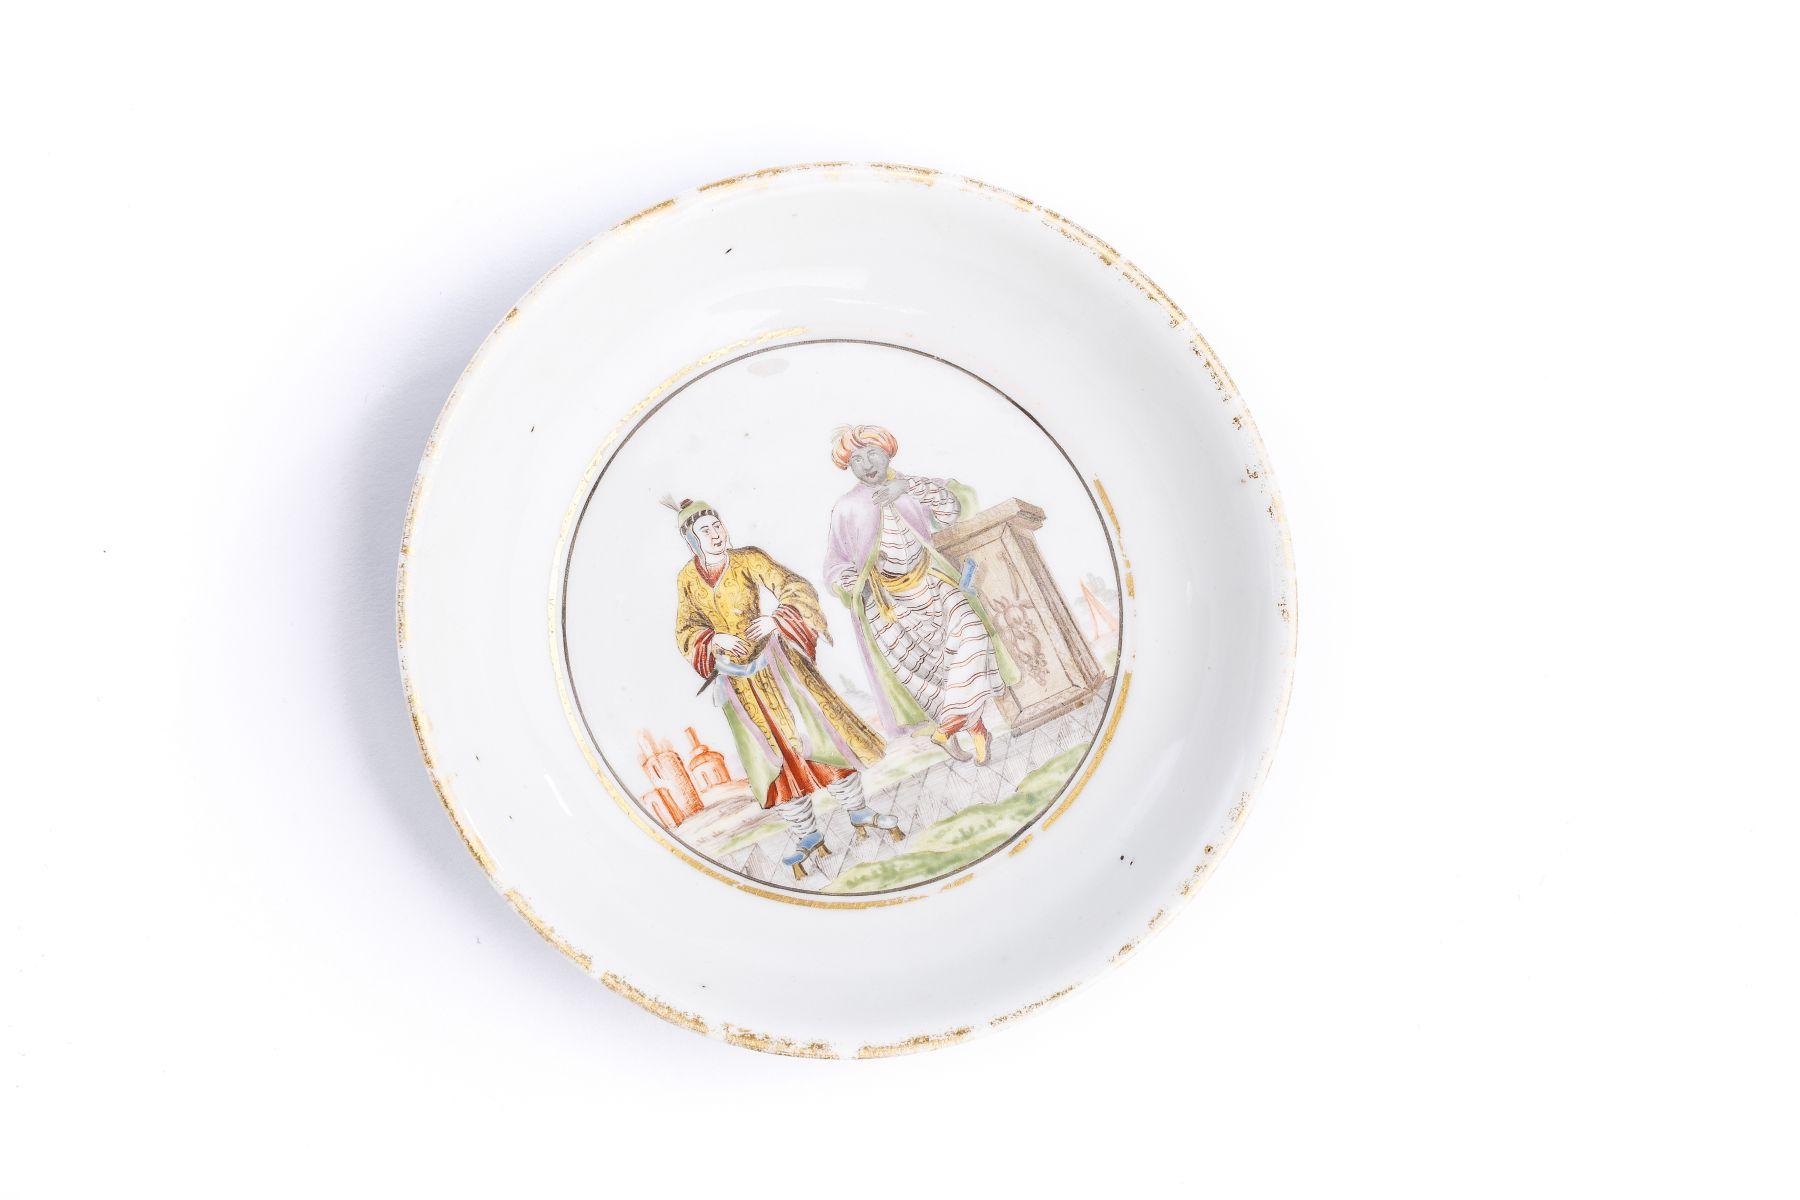 #6 Small saucer, Meissen 1720/25 | Kleine Unterschale, Meissen 1720/25 Image